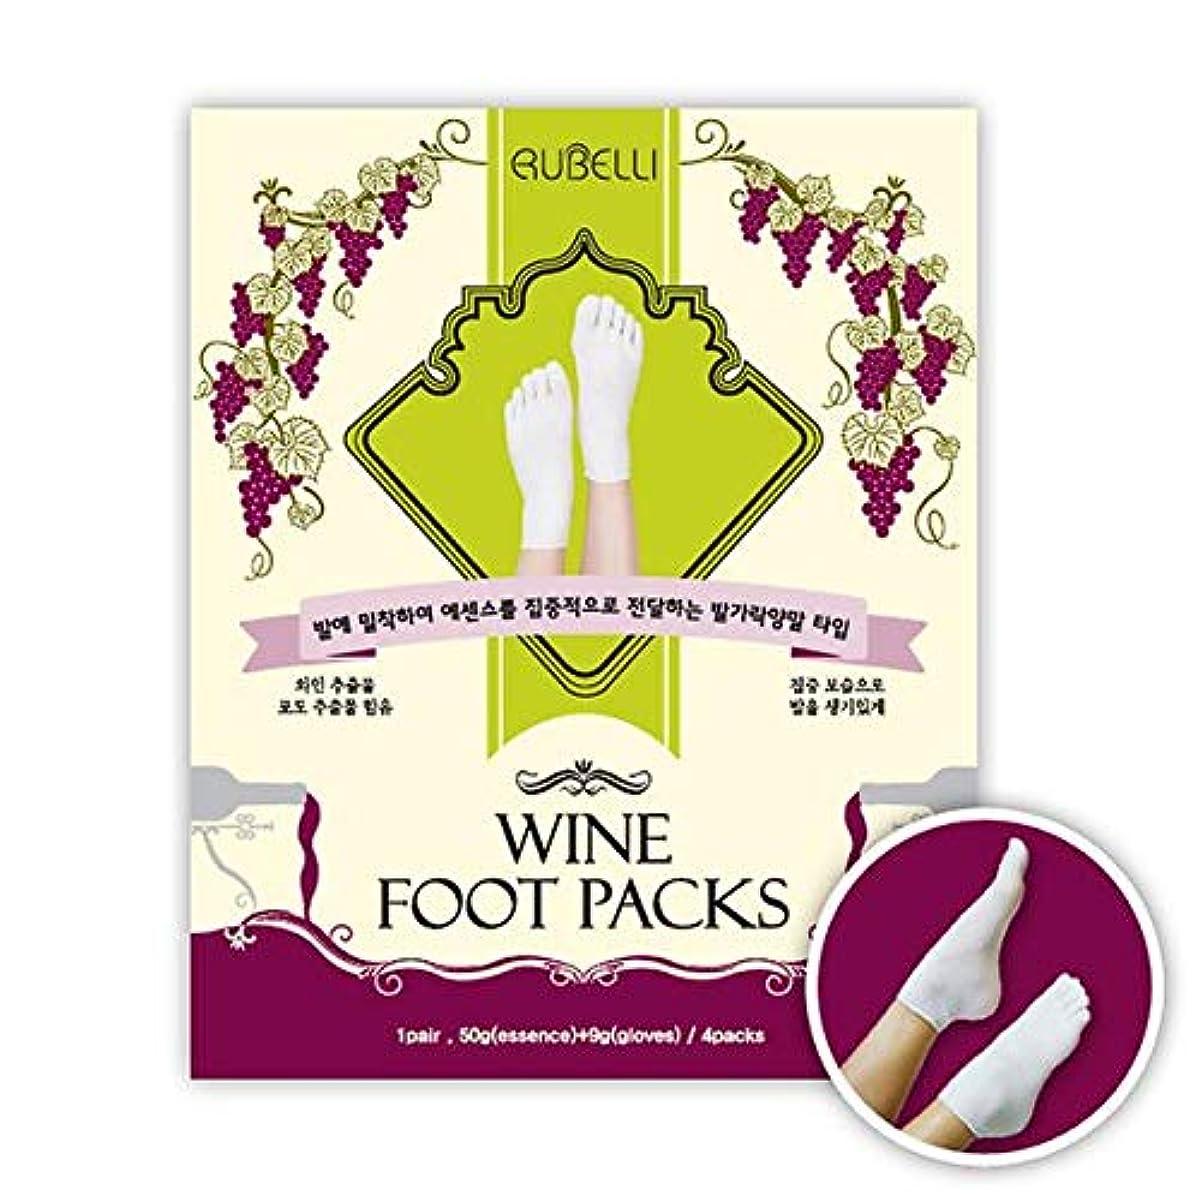 伝説忍耐折るルベリ[RUBELLI] ワインフットパック59gx4ea自宅でセルフフットケア、保湿 (Wine Foot Packs)